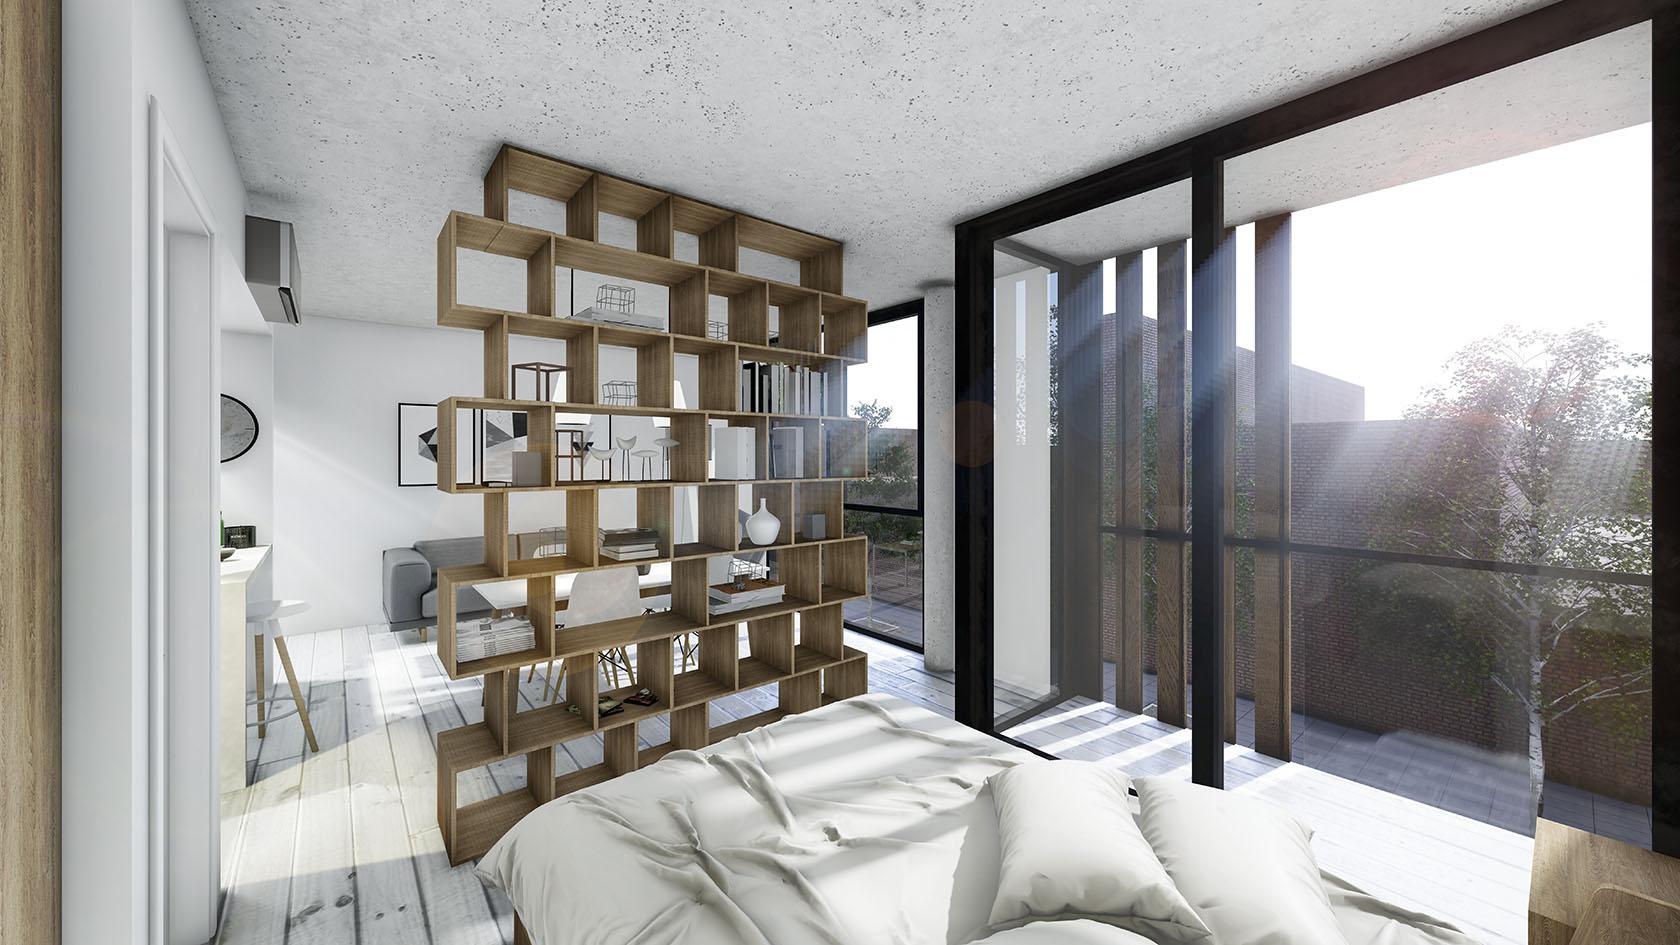 Diseño de ambientes luminosos, muebles divisorios en mono ambientes, estrategias de diseño para optimizar espacios.